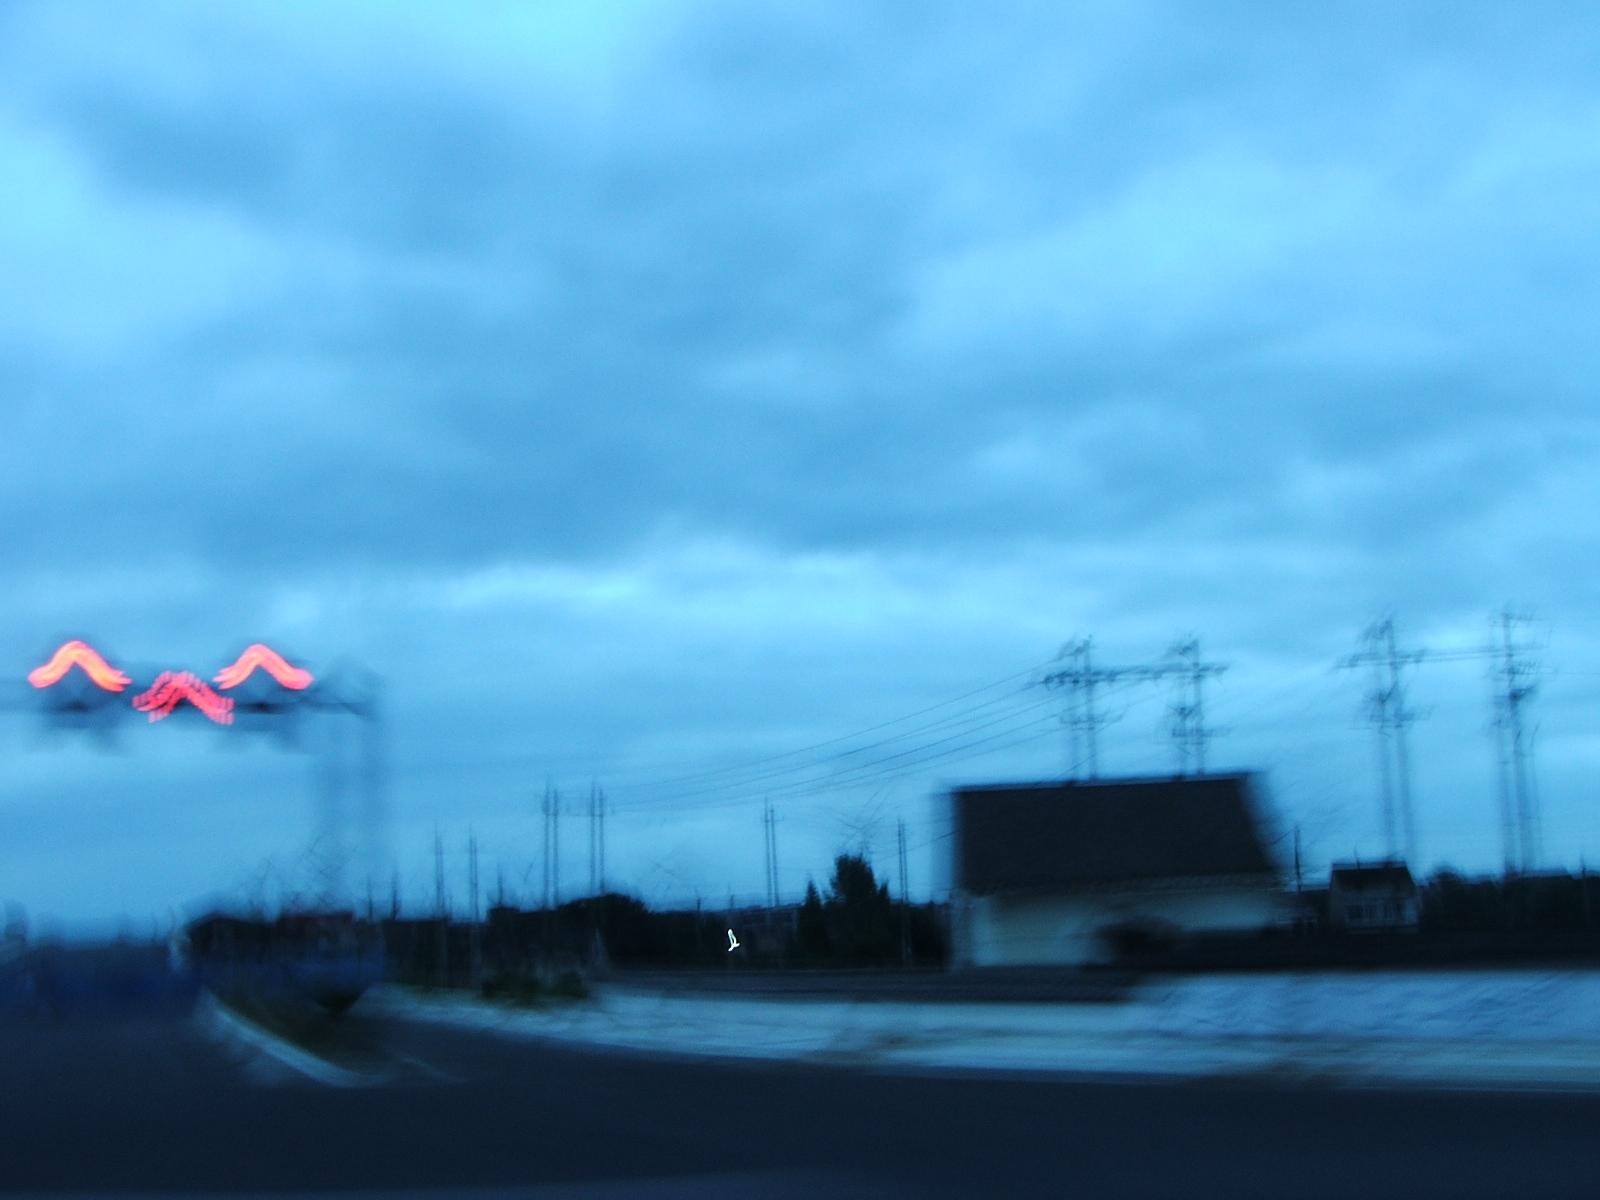 201007: 중국 사오싱 / 조금 더 자유로워지기 위해서